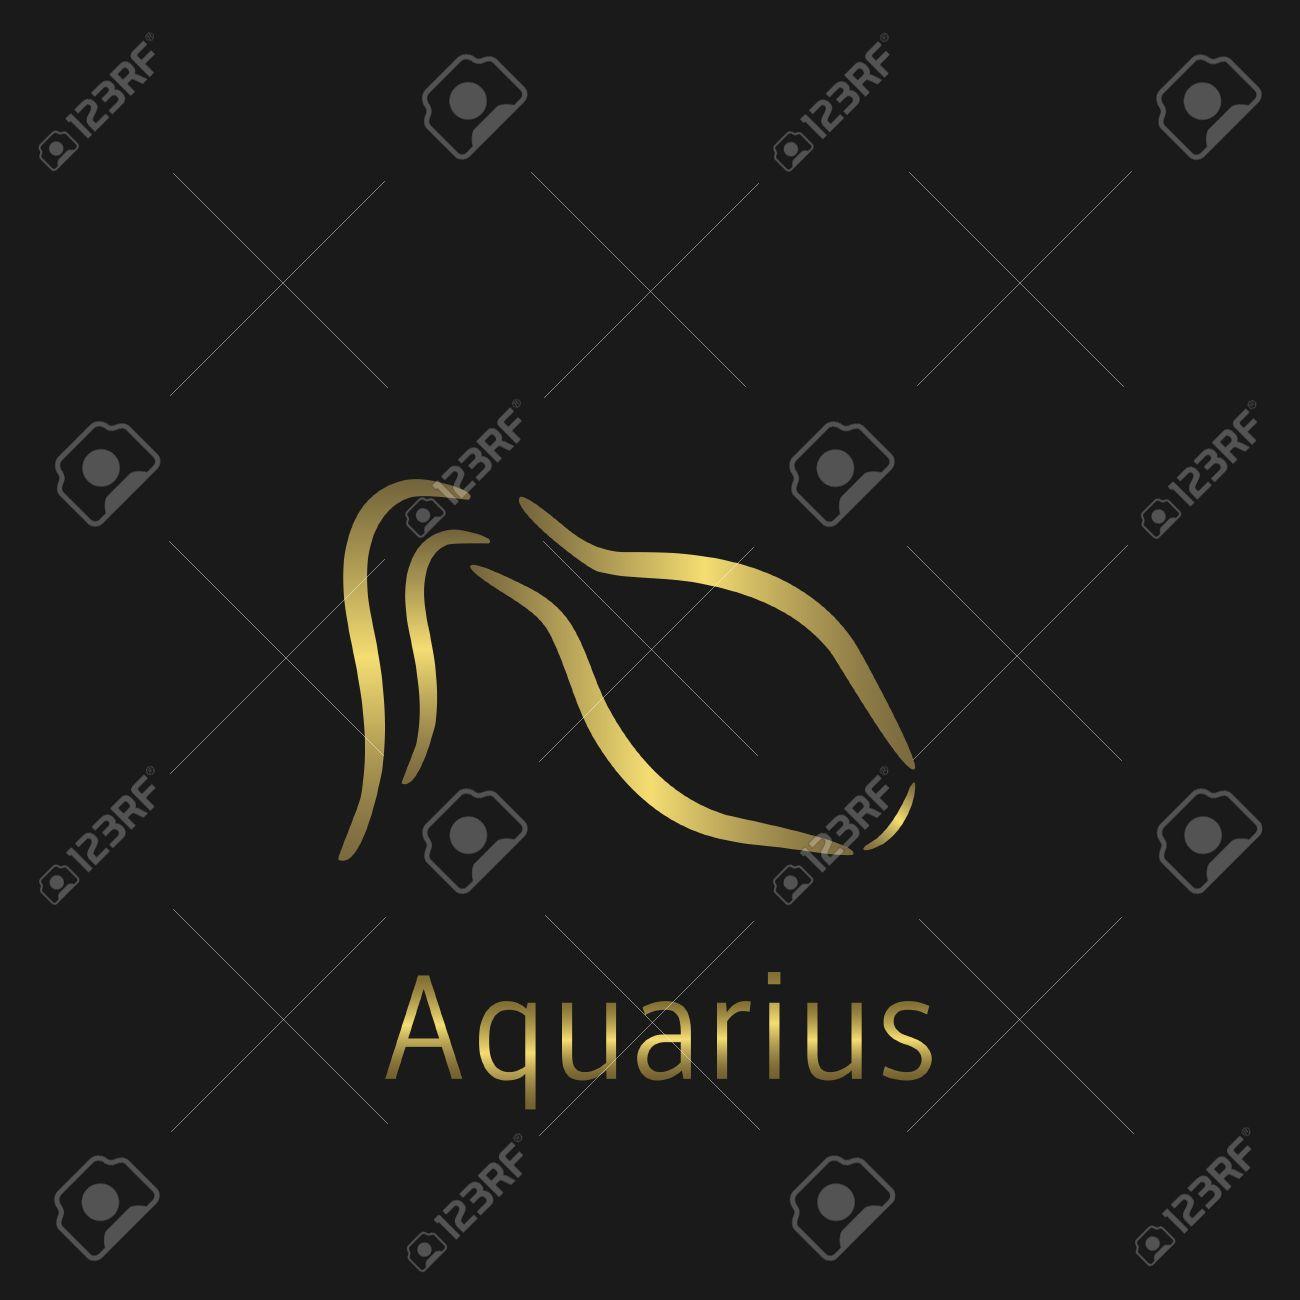 Aquarius Zodiac sign  Aquarius abstract symbol  Aquarius golden